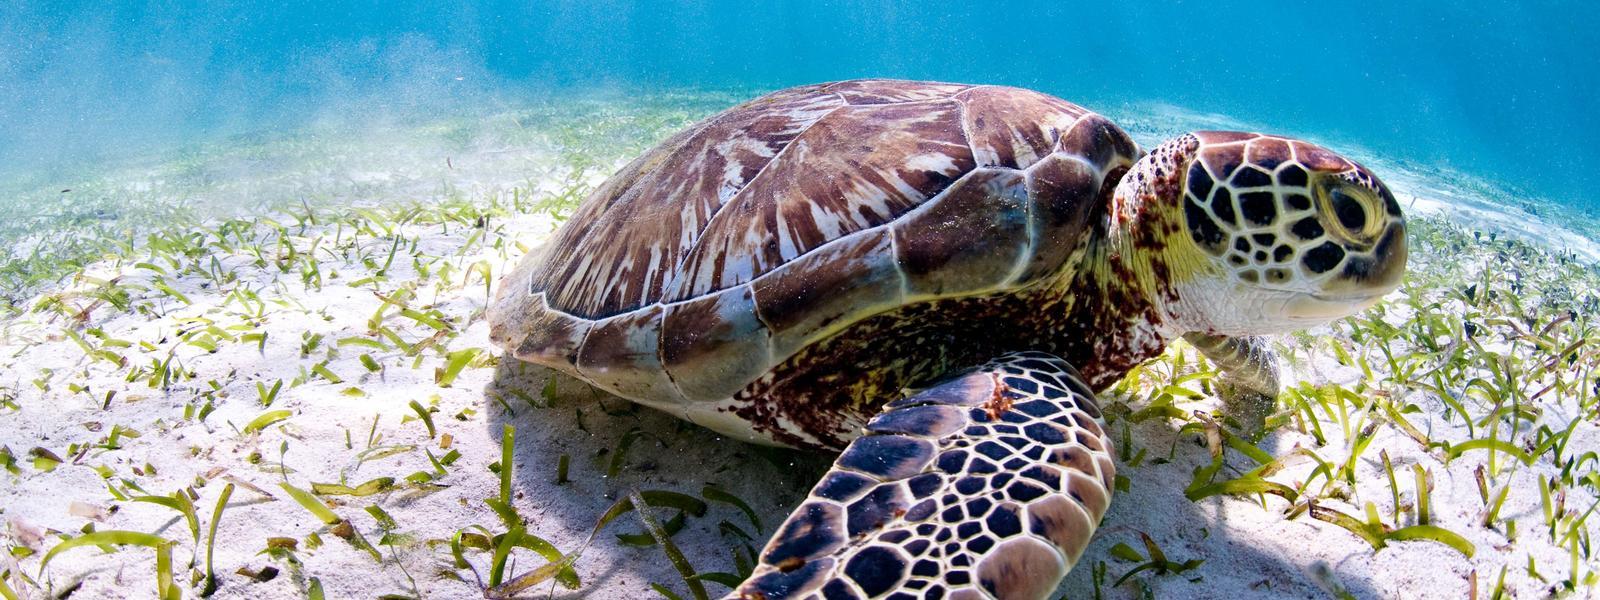 Tartarugas marinhas - Famílias, características, reprodução e tipos